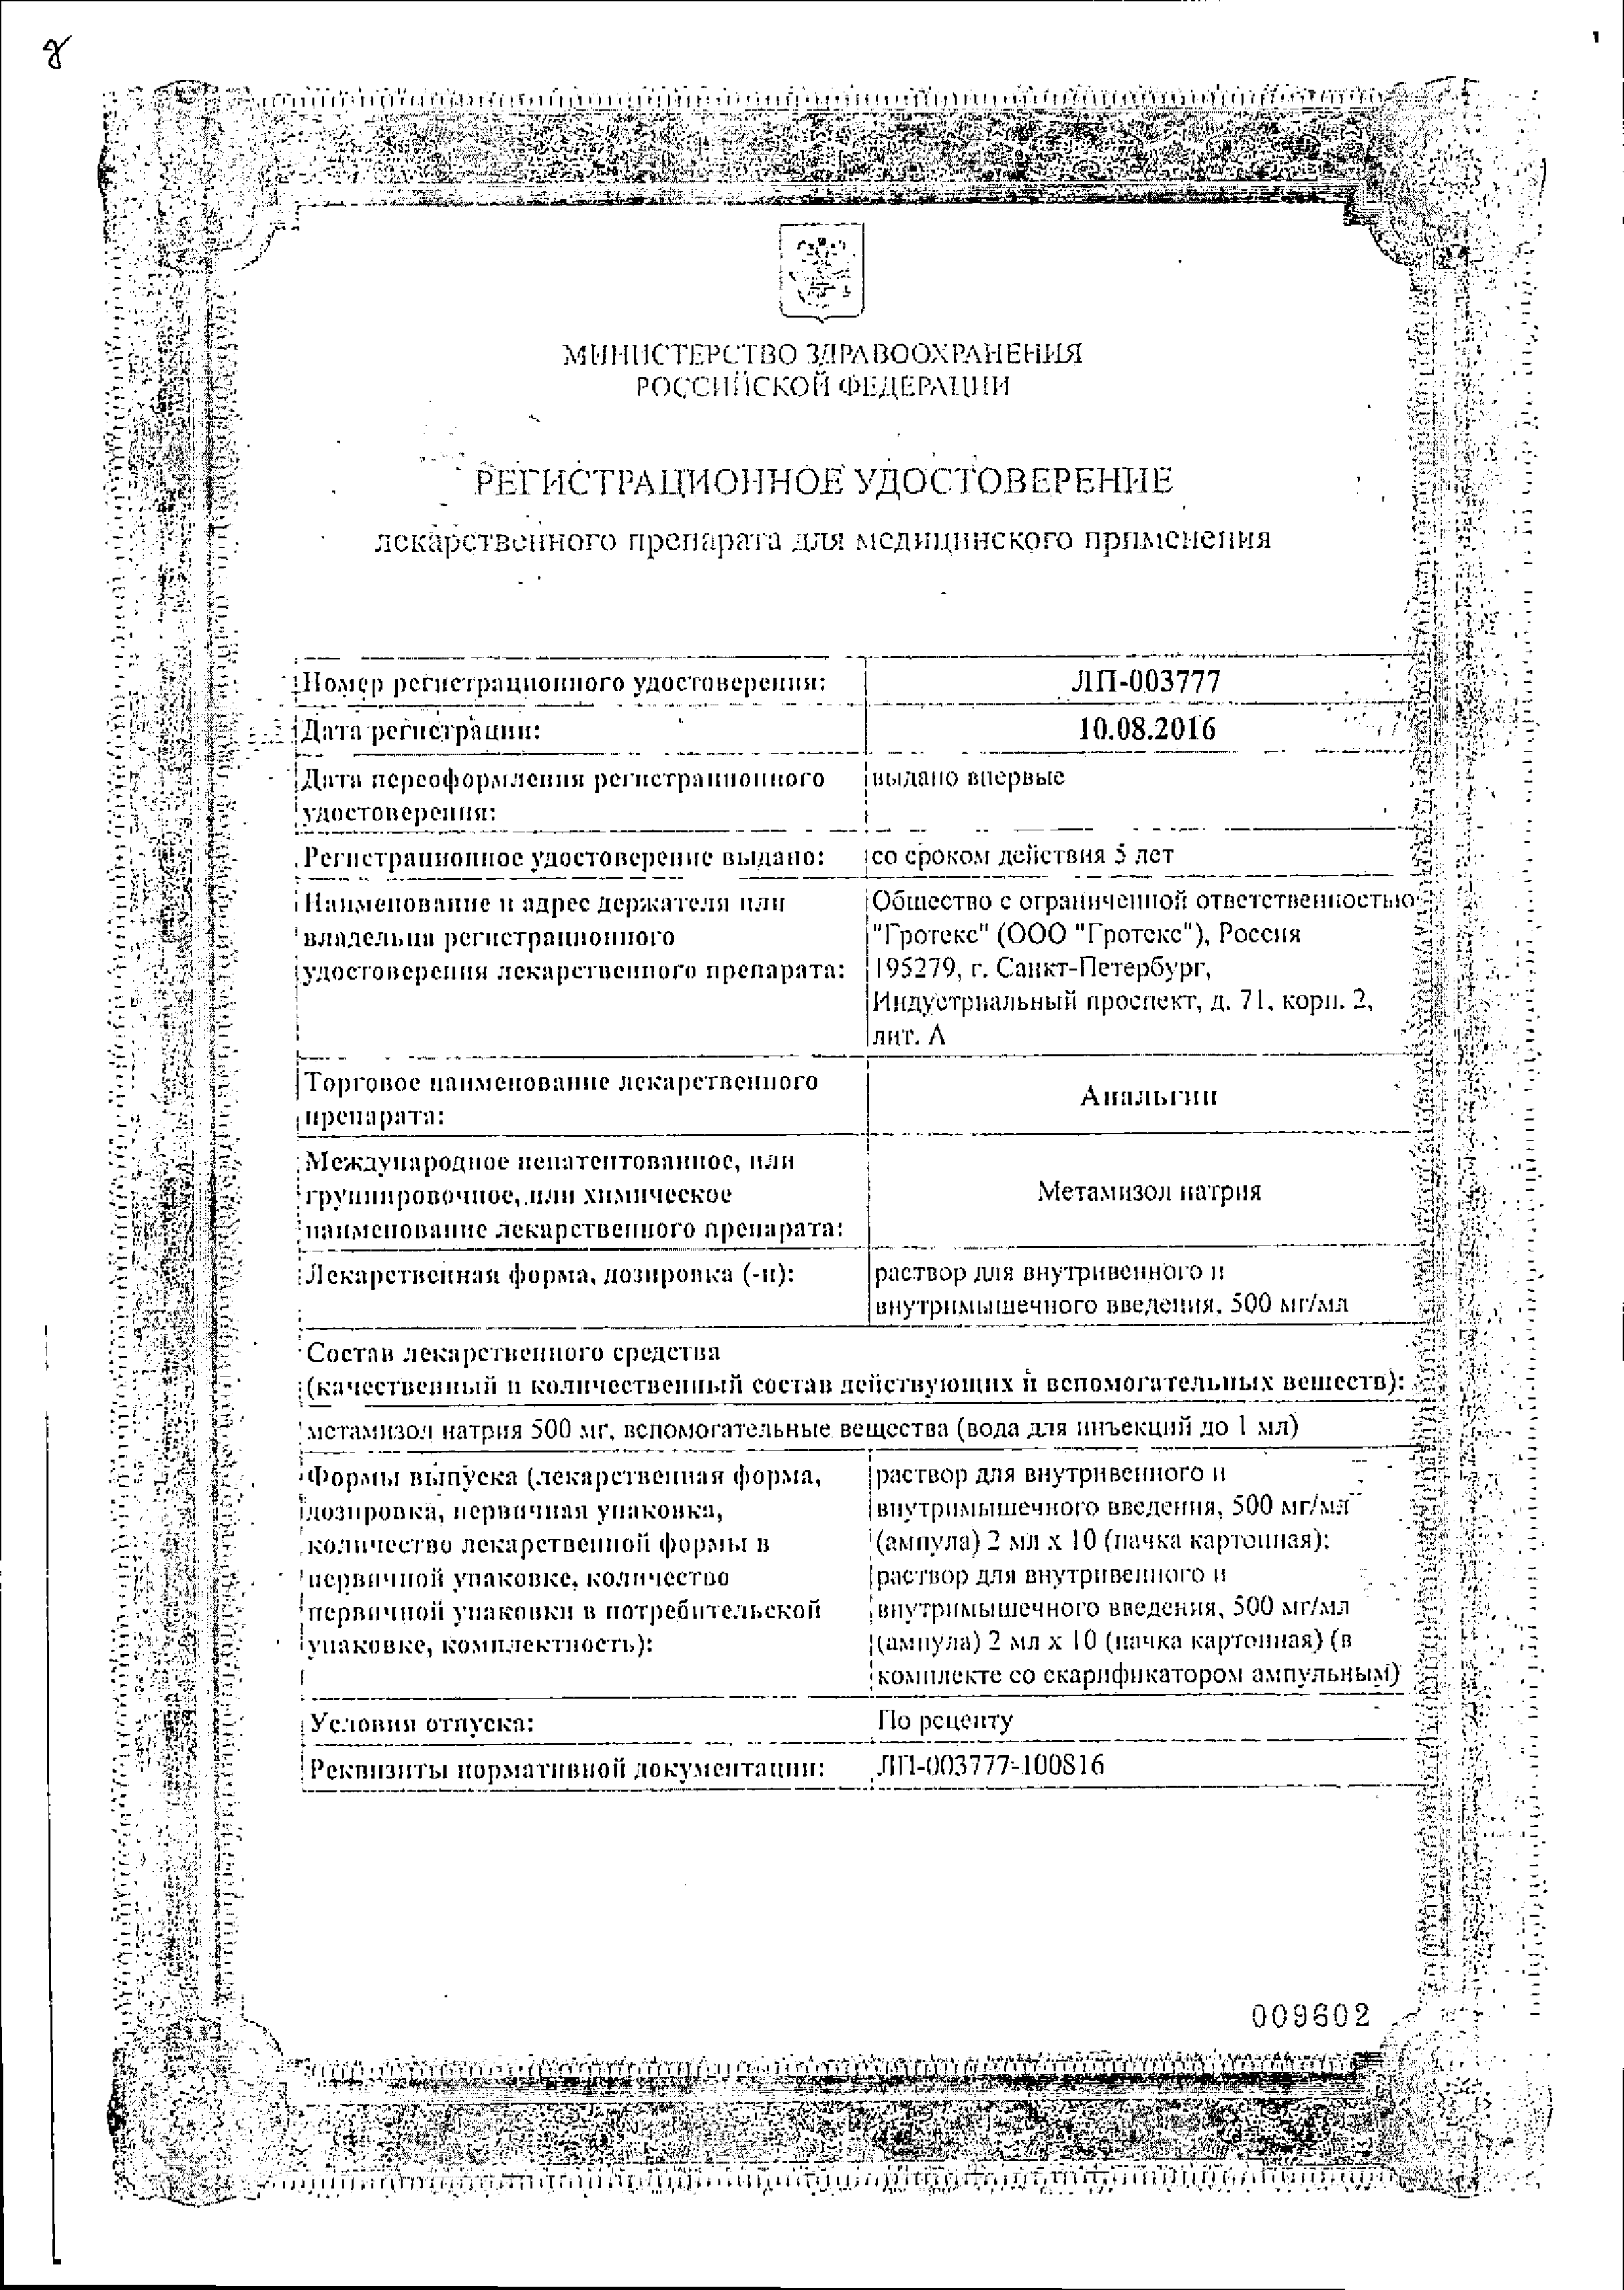 Анальгин (для инъекций) сертификат